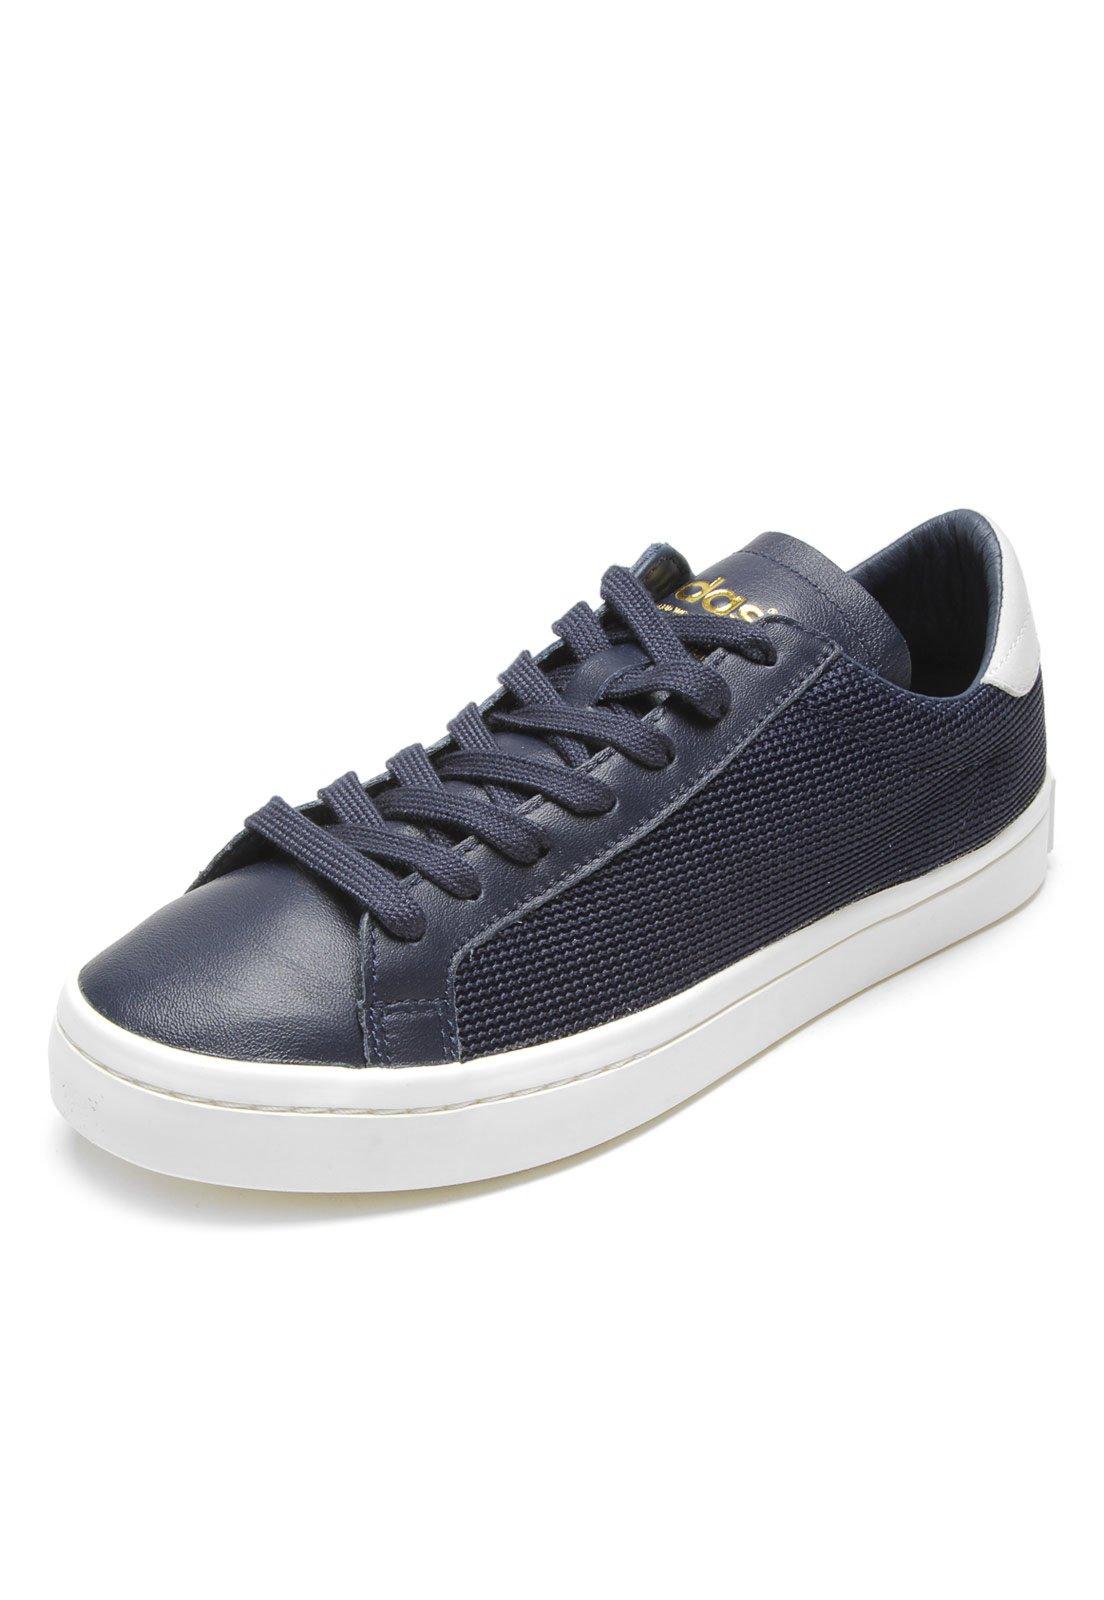 9bec6bc0351 Tênis adidas Originals Courtvantage Azul-marinho Branco - Compre Agora